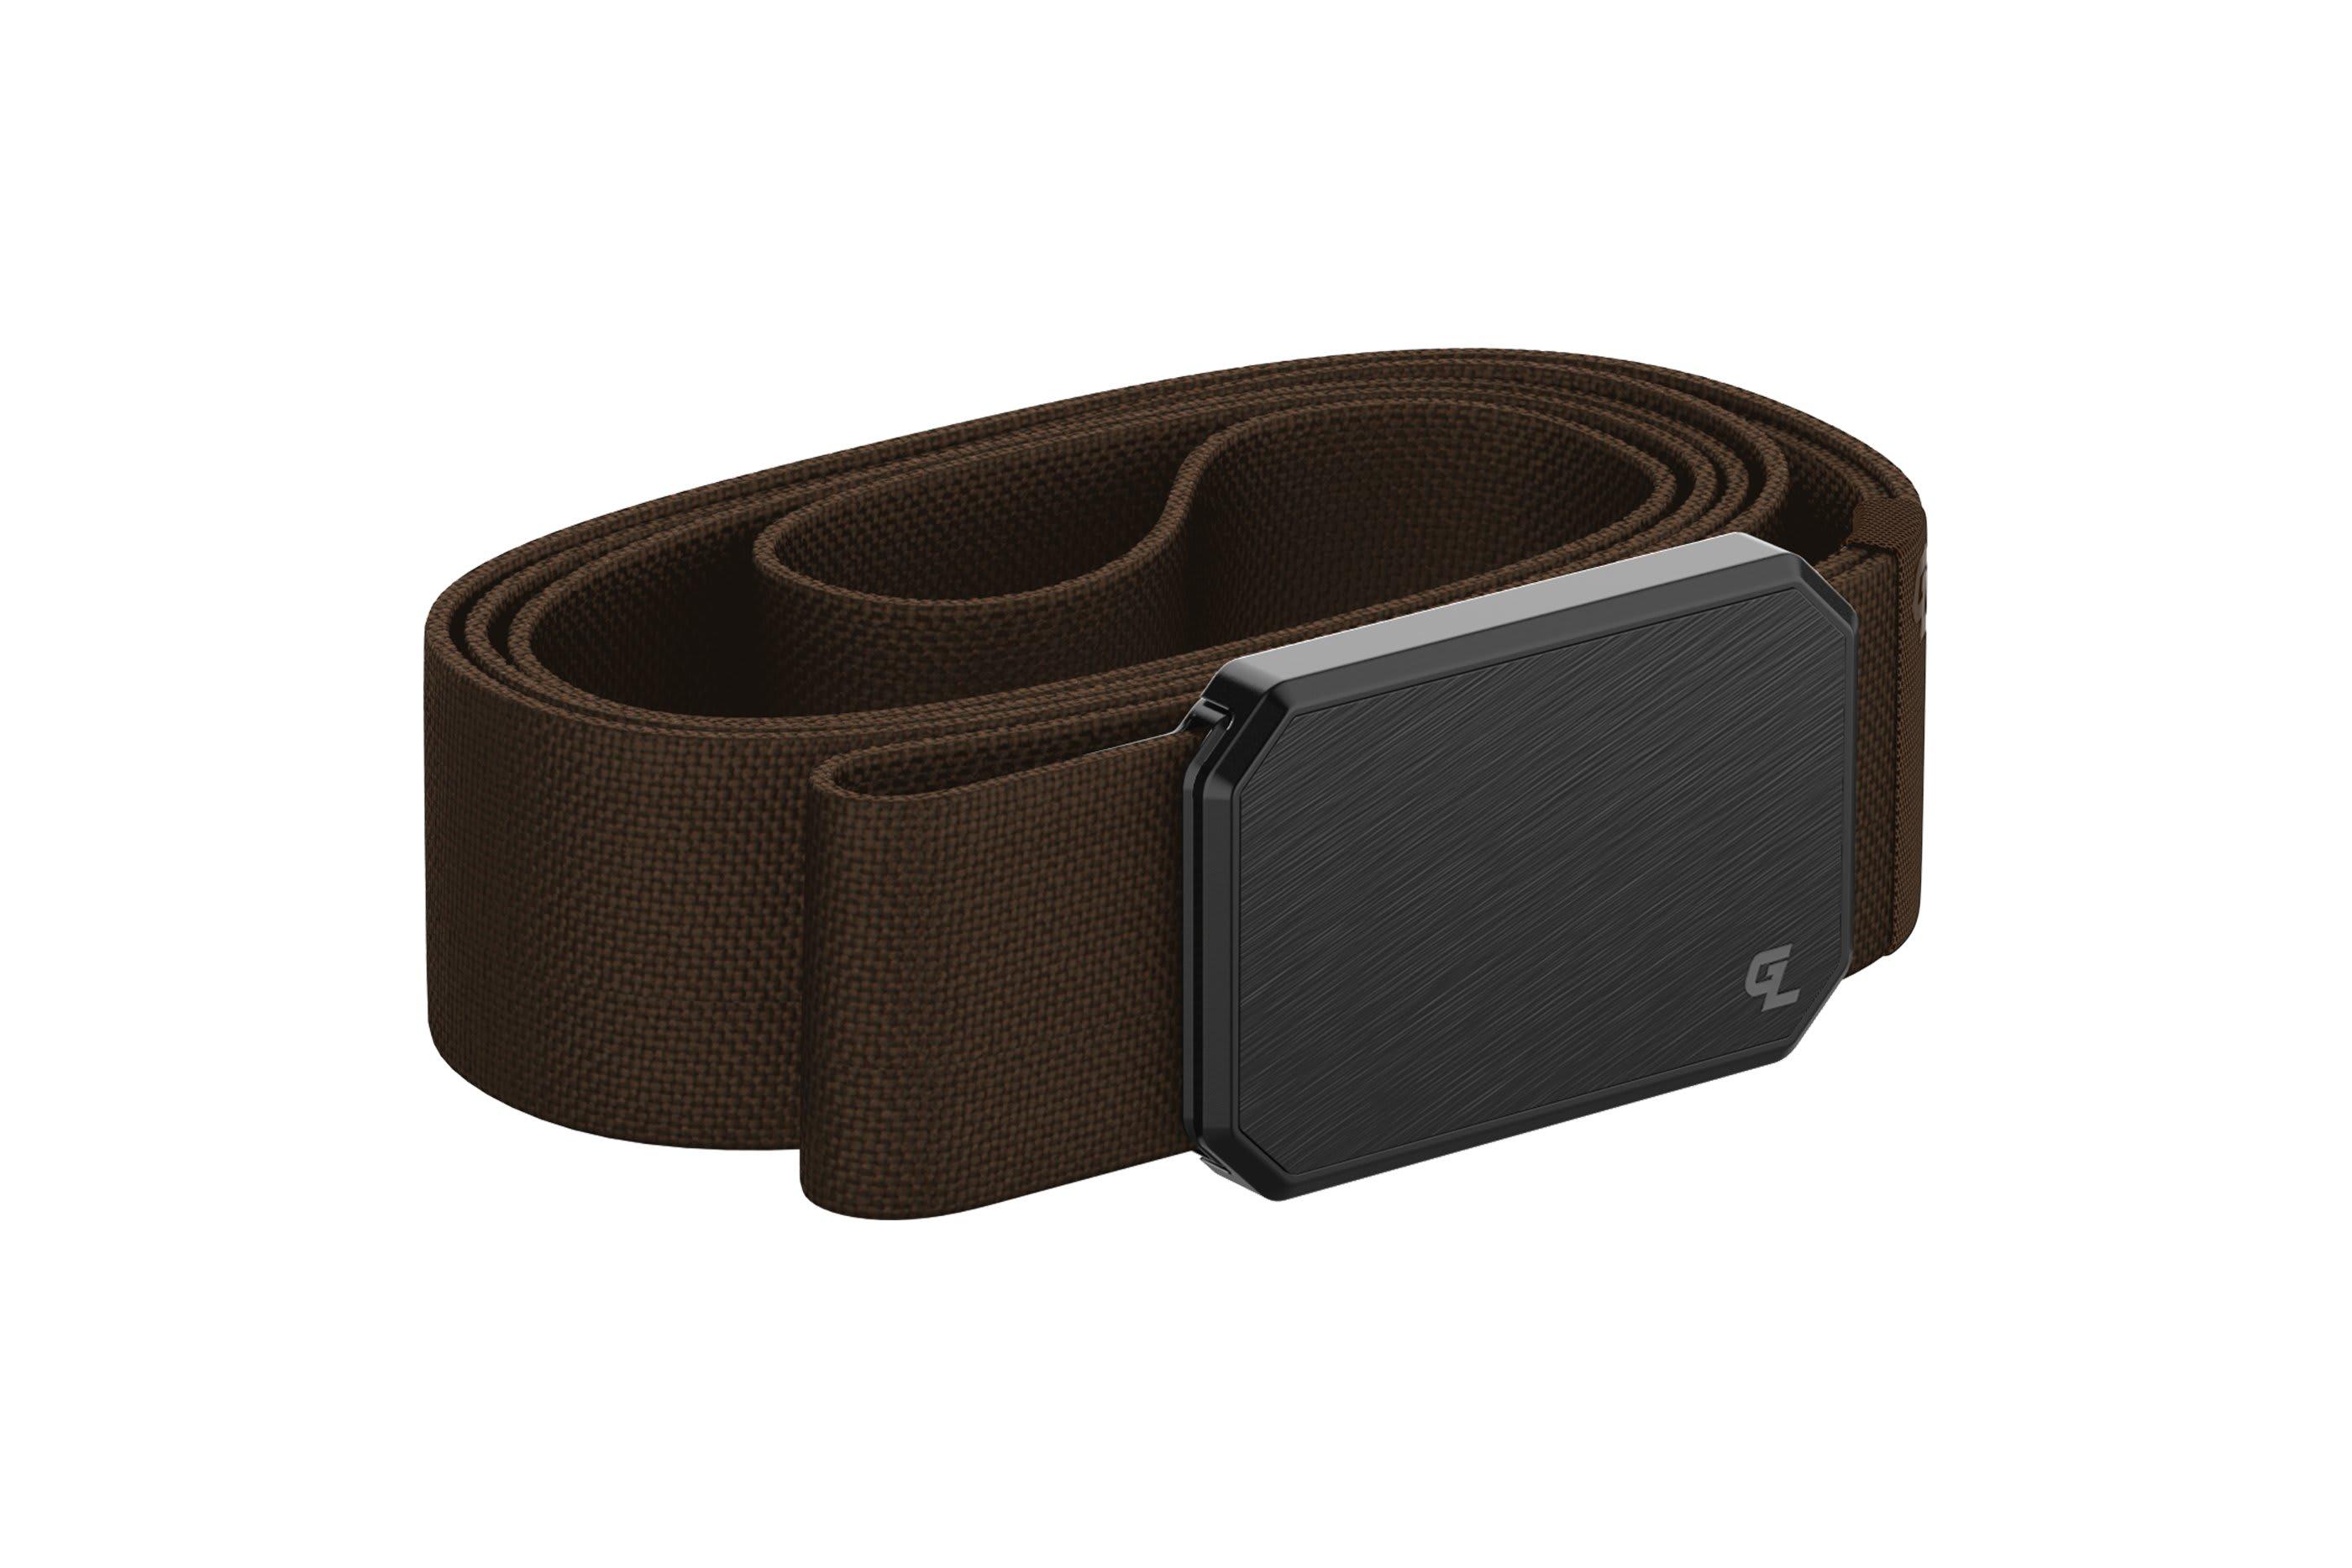 Groove Belt Black/Brown  viewed from side